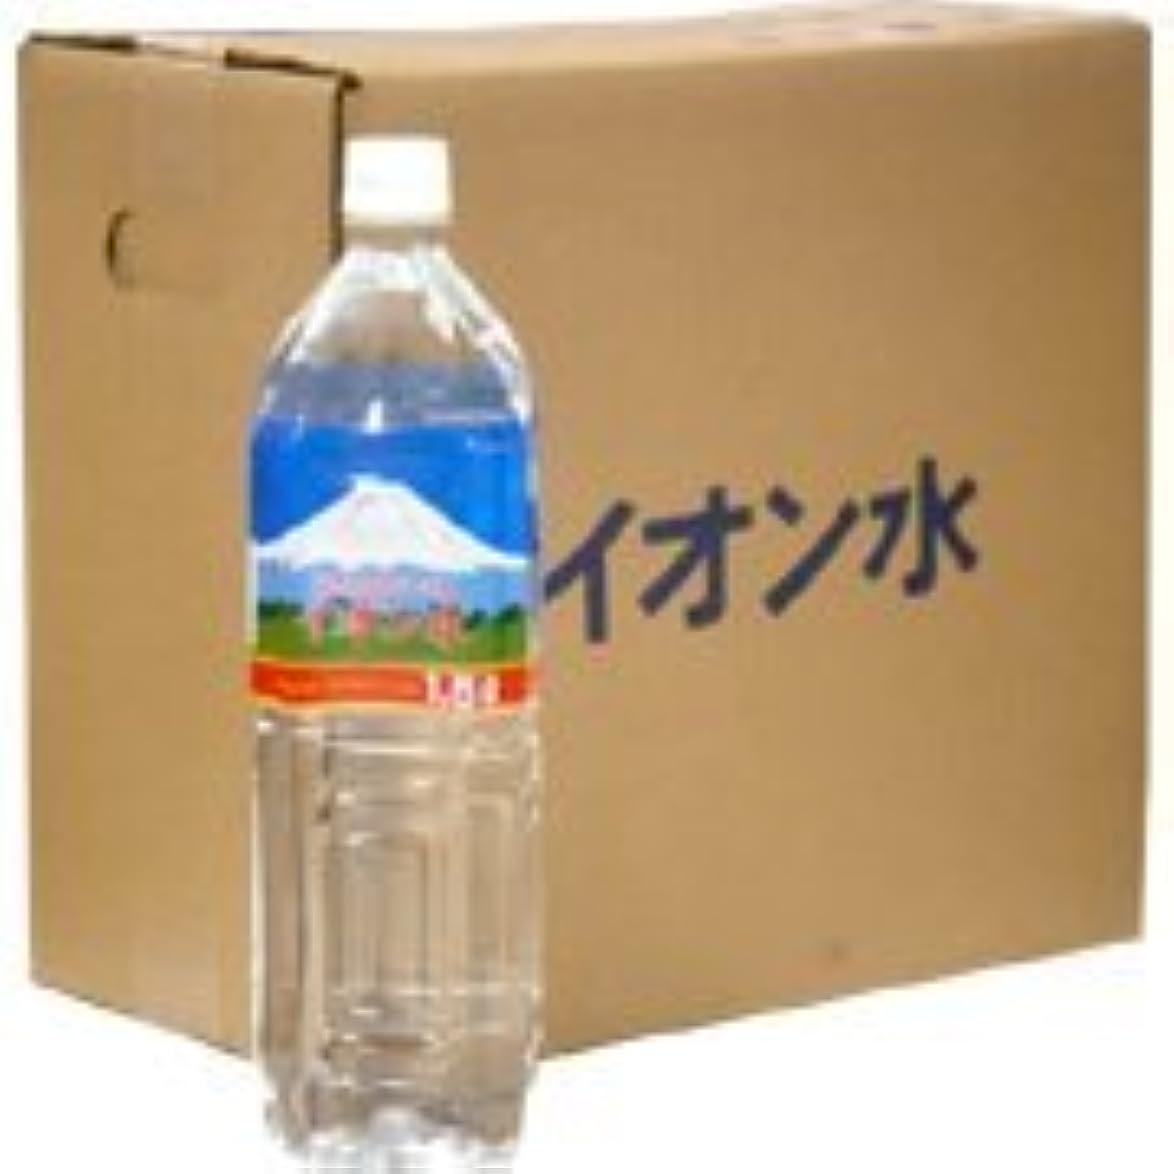 相談情報集中的な富士山のおいしい水 イオン水 1.5L×8本